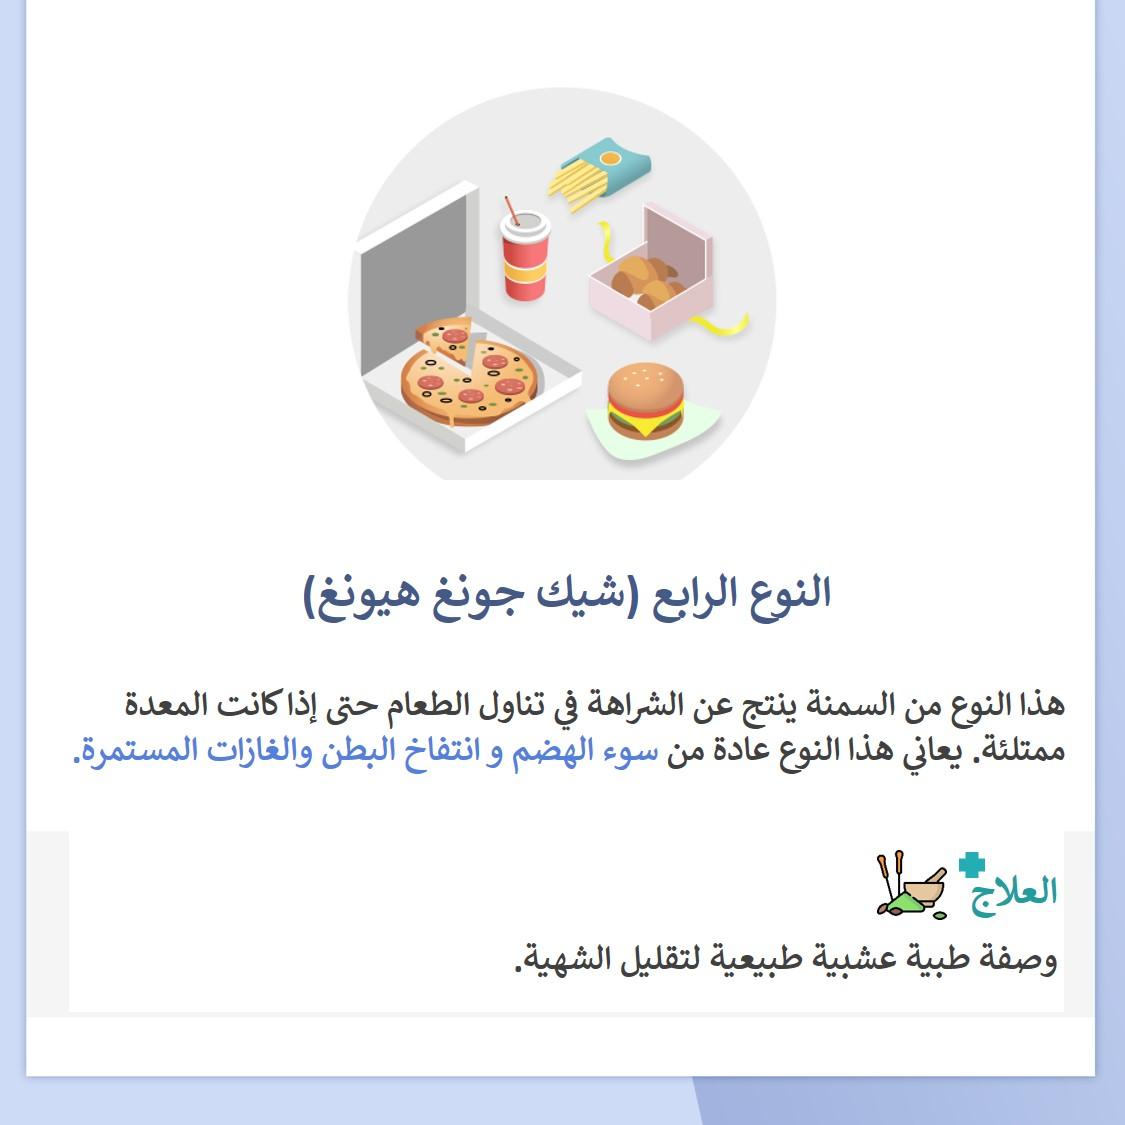 هذا النوع من السمنة ينتج عن الشراهة في تناول الطعام حتى إذا كانت المعدة ممتلئة. يعاني هذا النوع عادة من سوء الهضم و انتفاخ البطن والغازات المستمرة.